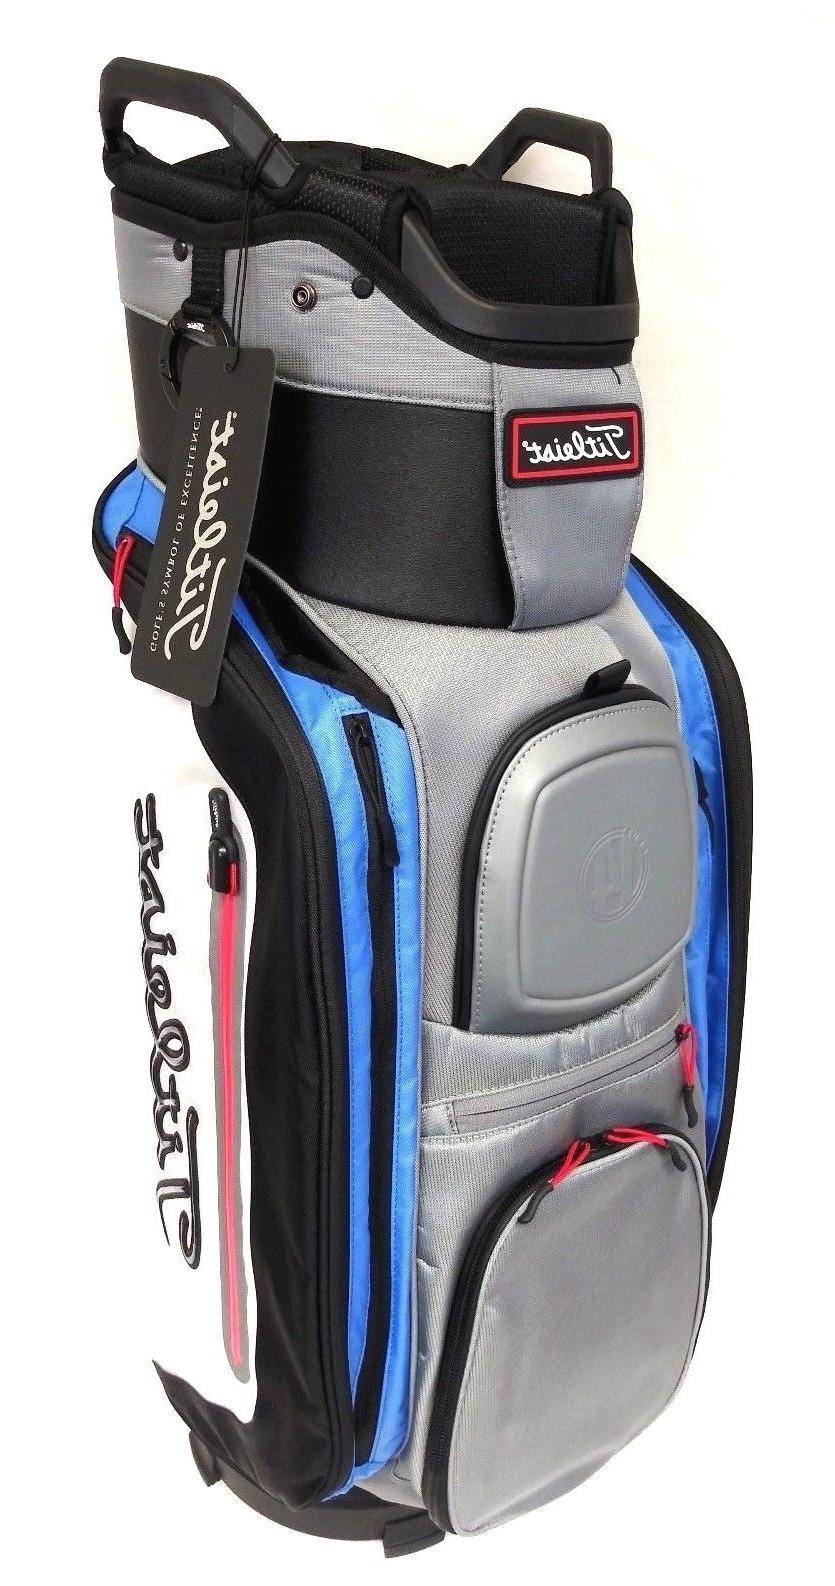 98631d45922 Titleist 2018 Club 14 Cart Golf Bag